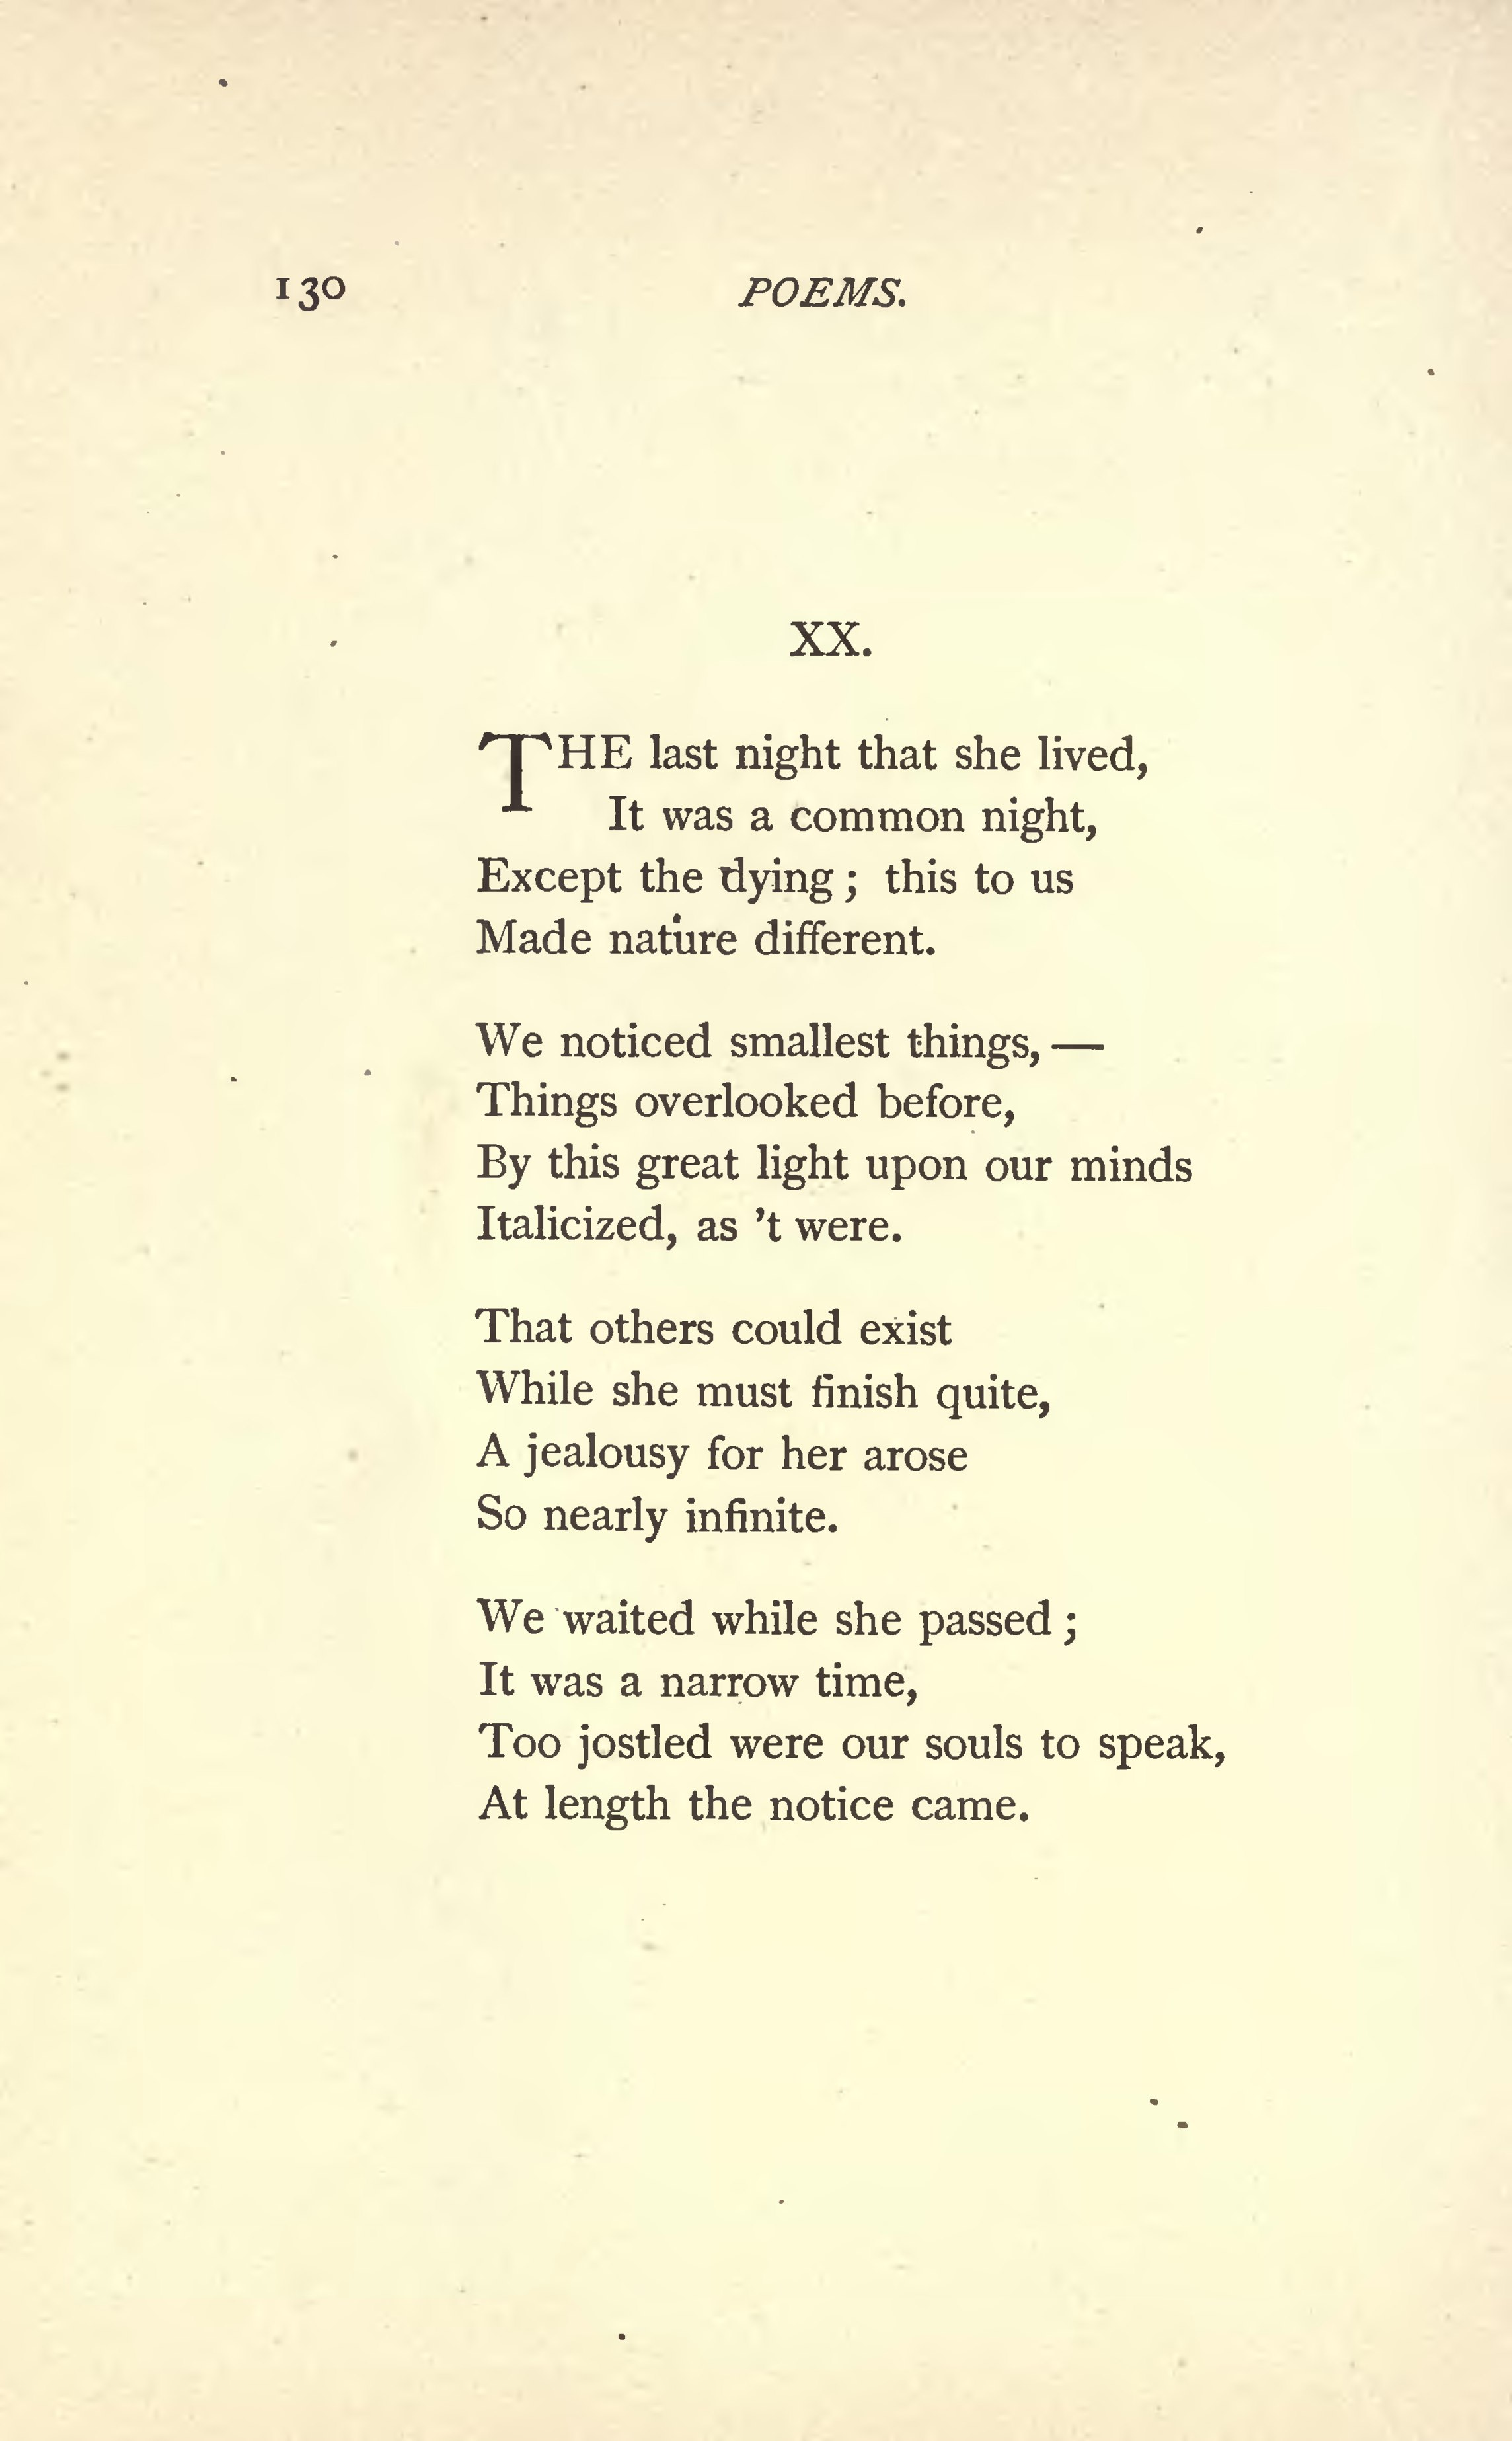 Poem in essay italicize